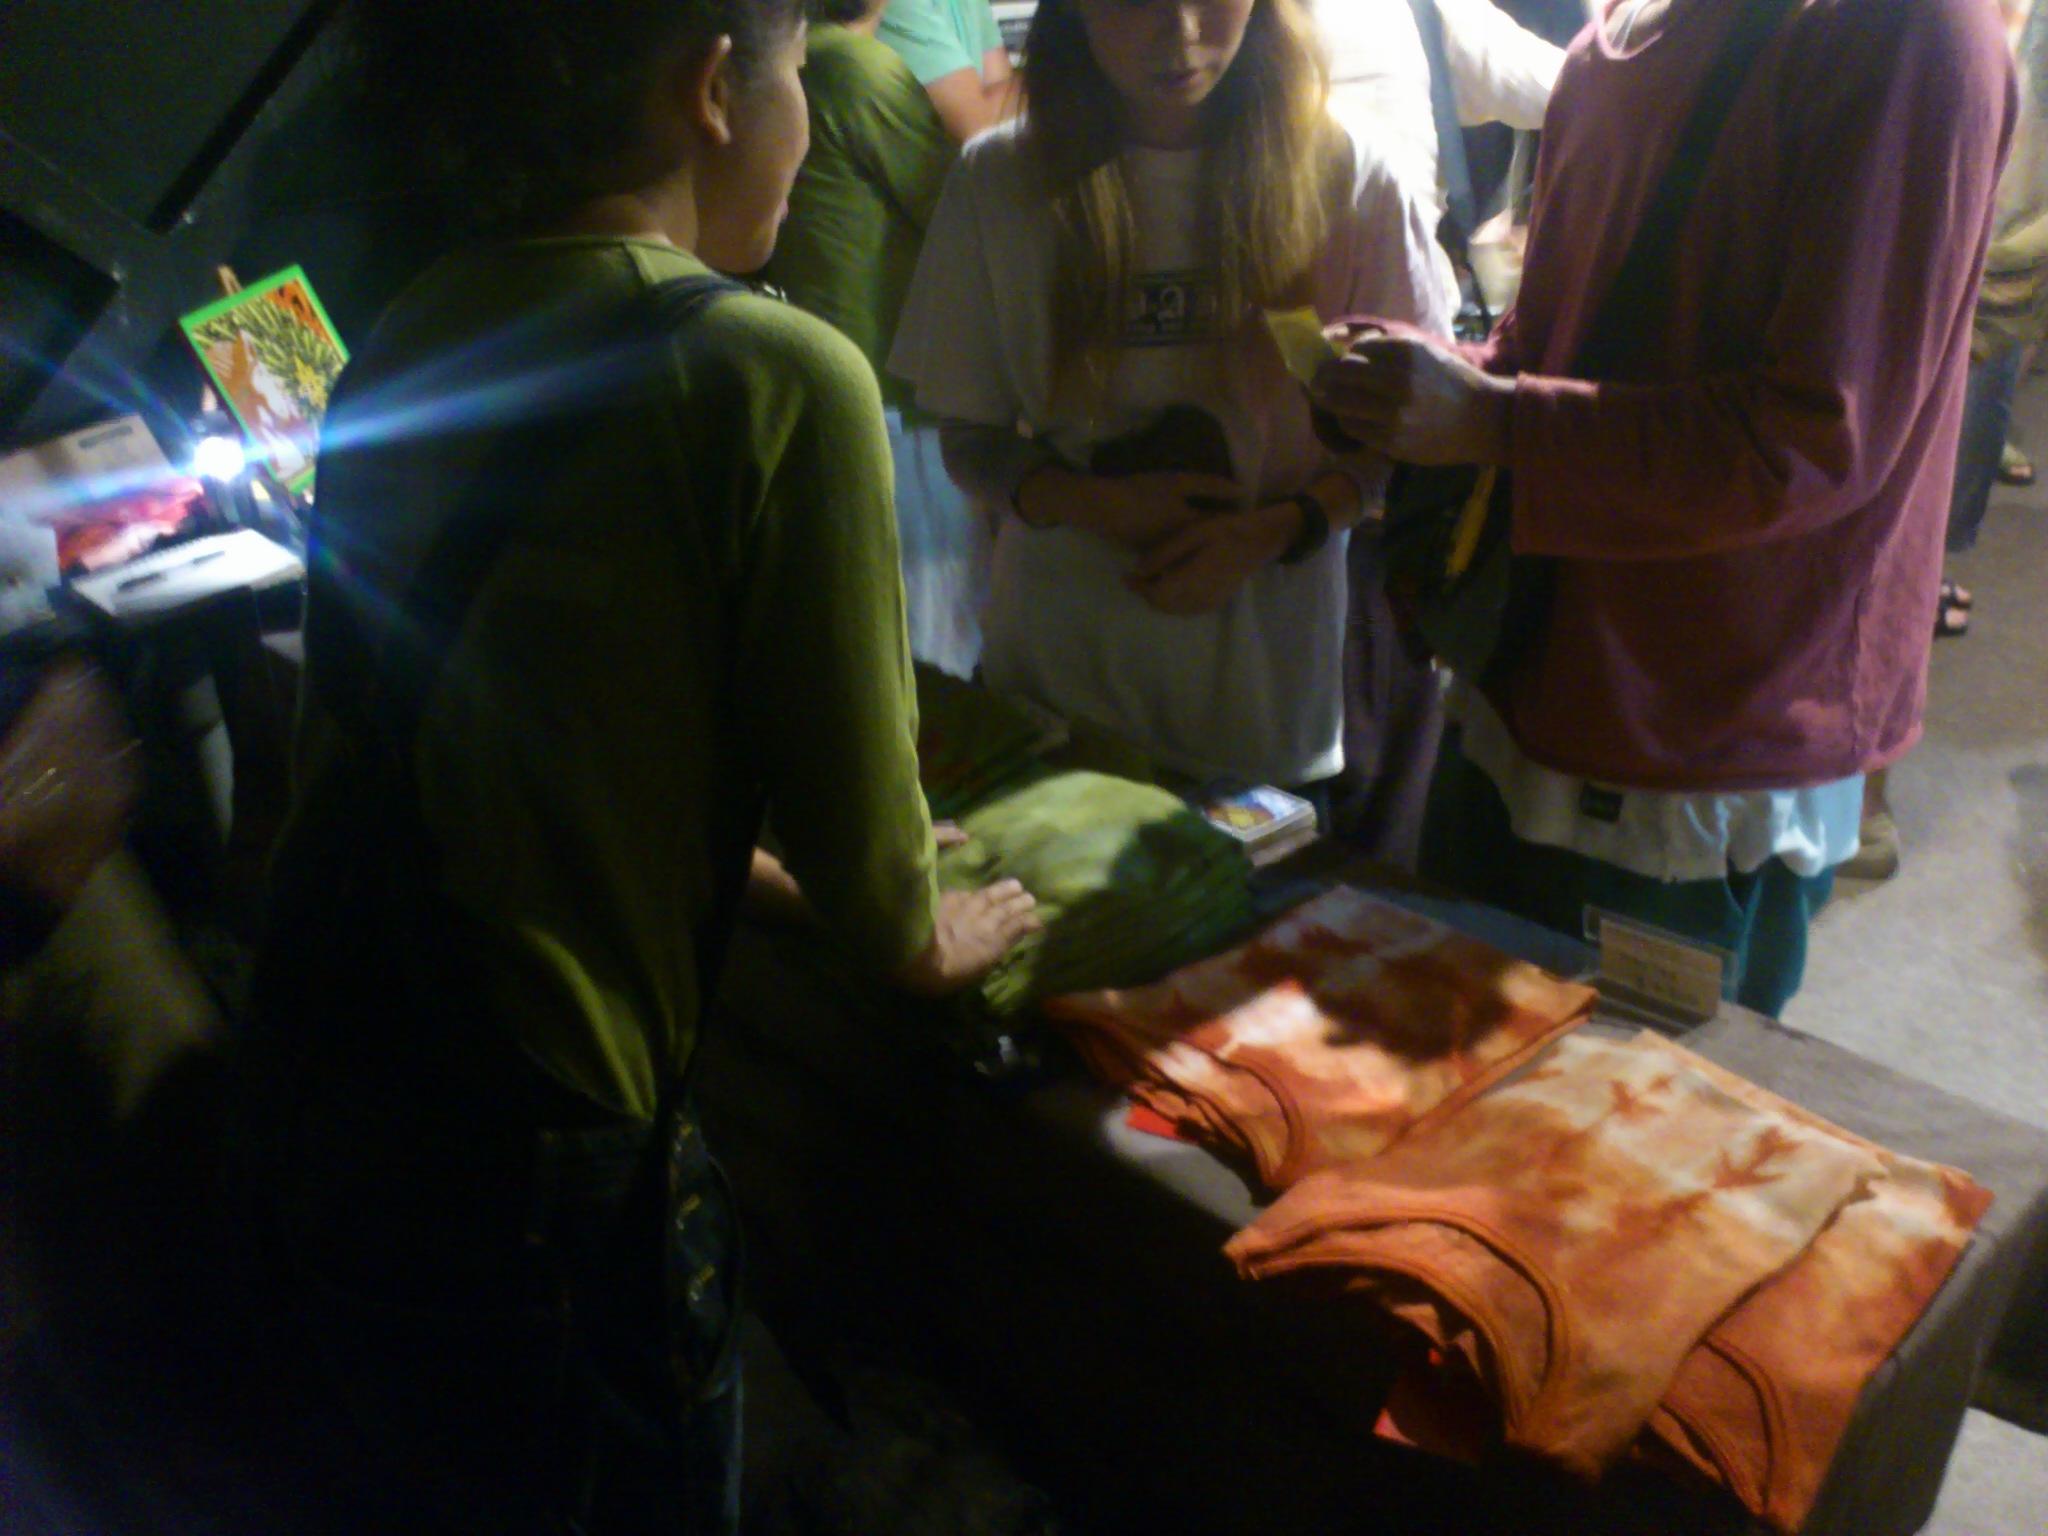 三宅商店@いわきクラブソニック三宅洋平選挙フェス。愛するTシャツ達も無事たどり着いていました。旅は続く